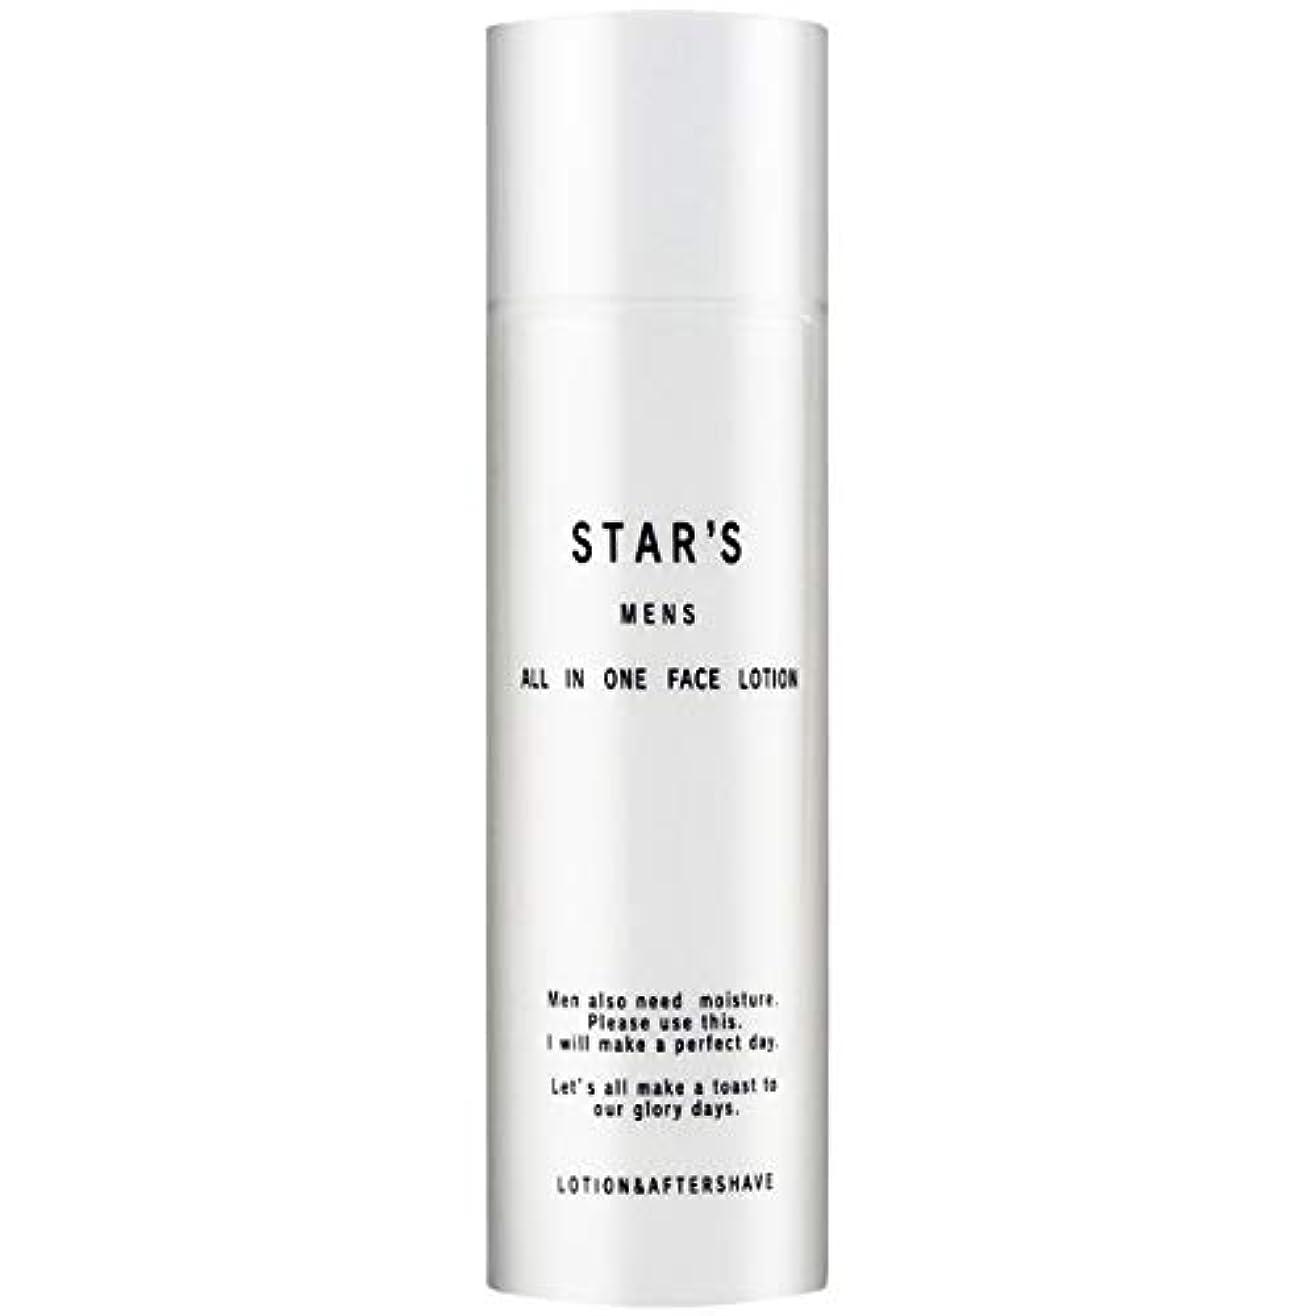 イブニング生活順応性のあるSTAR'S メンズ スキンケア オールインワンローション 医薬部外品 【乾燥肌/テカリ/シワ/毛穴の黒ずみ】 シェーピング後のダメージケア ニキビ オイリー肌 化粧水 さっぱり 潤い (1本入り(150mL))